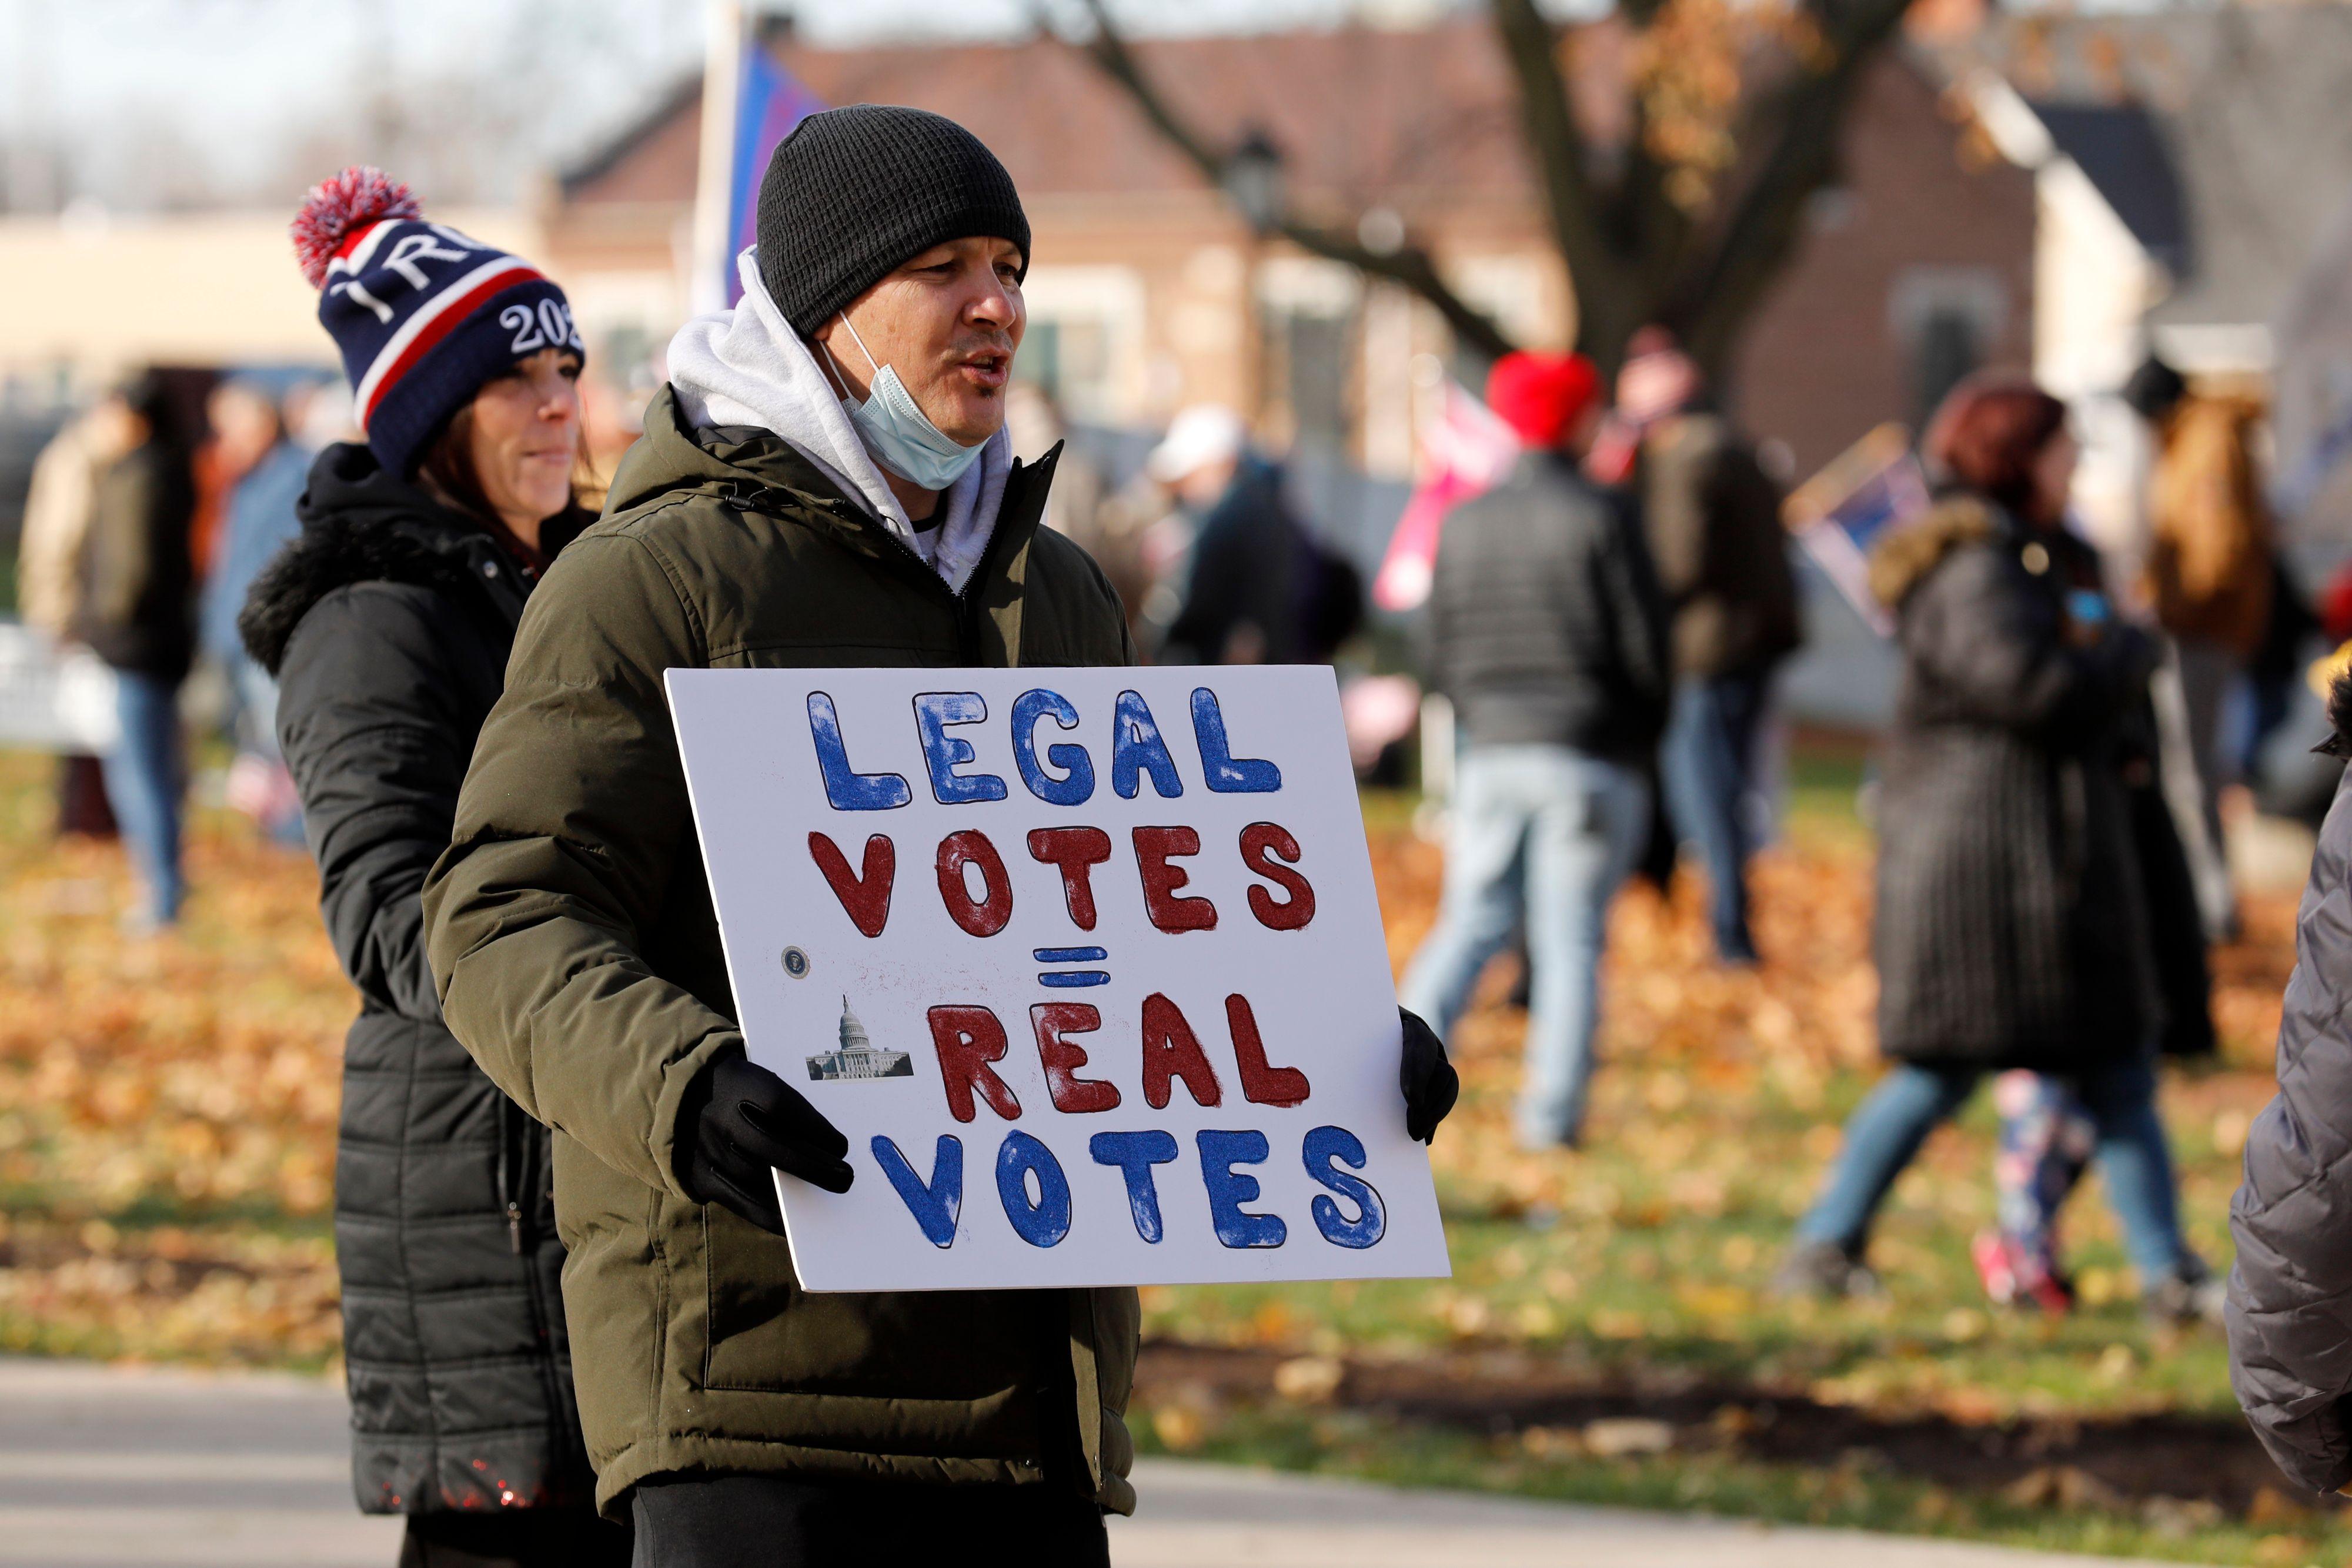 選舉安全專家證詞 密歇根29萬張選票須剔除